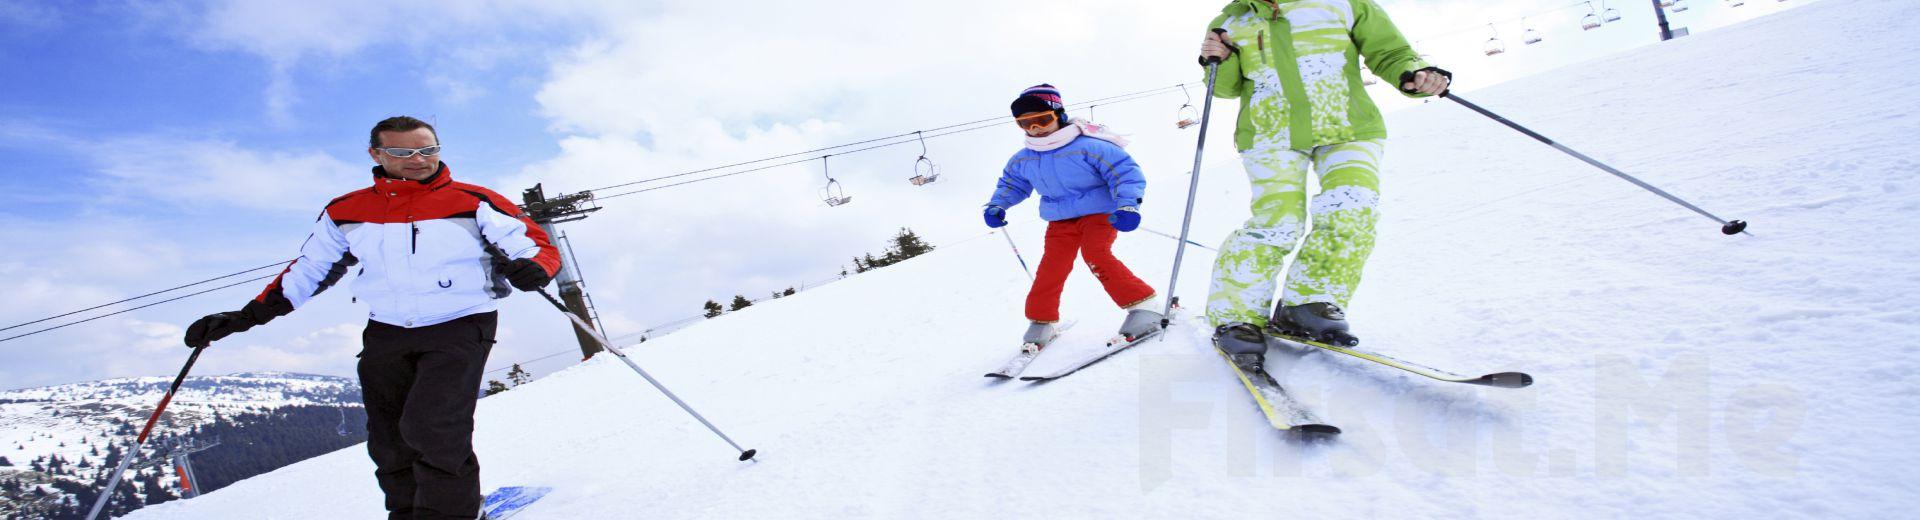 Kış Cenneti Kartepe'ye Gidiyoruz! Tur Dünya'sından Günübirlik Kartepe Kayak Turu Öğle Yemeği Seçeneğiyle! (Haftanın Hergünü Hareketli!)